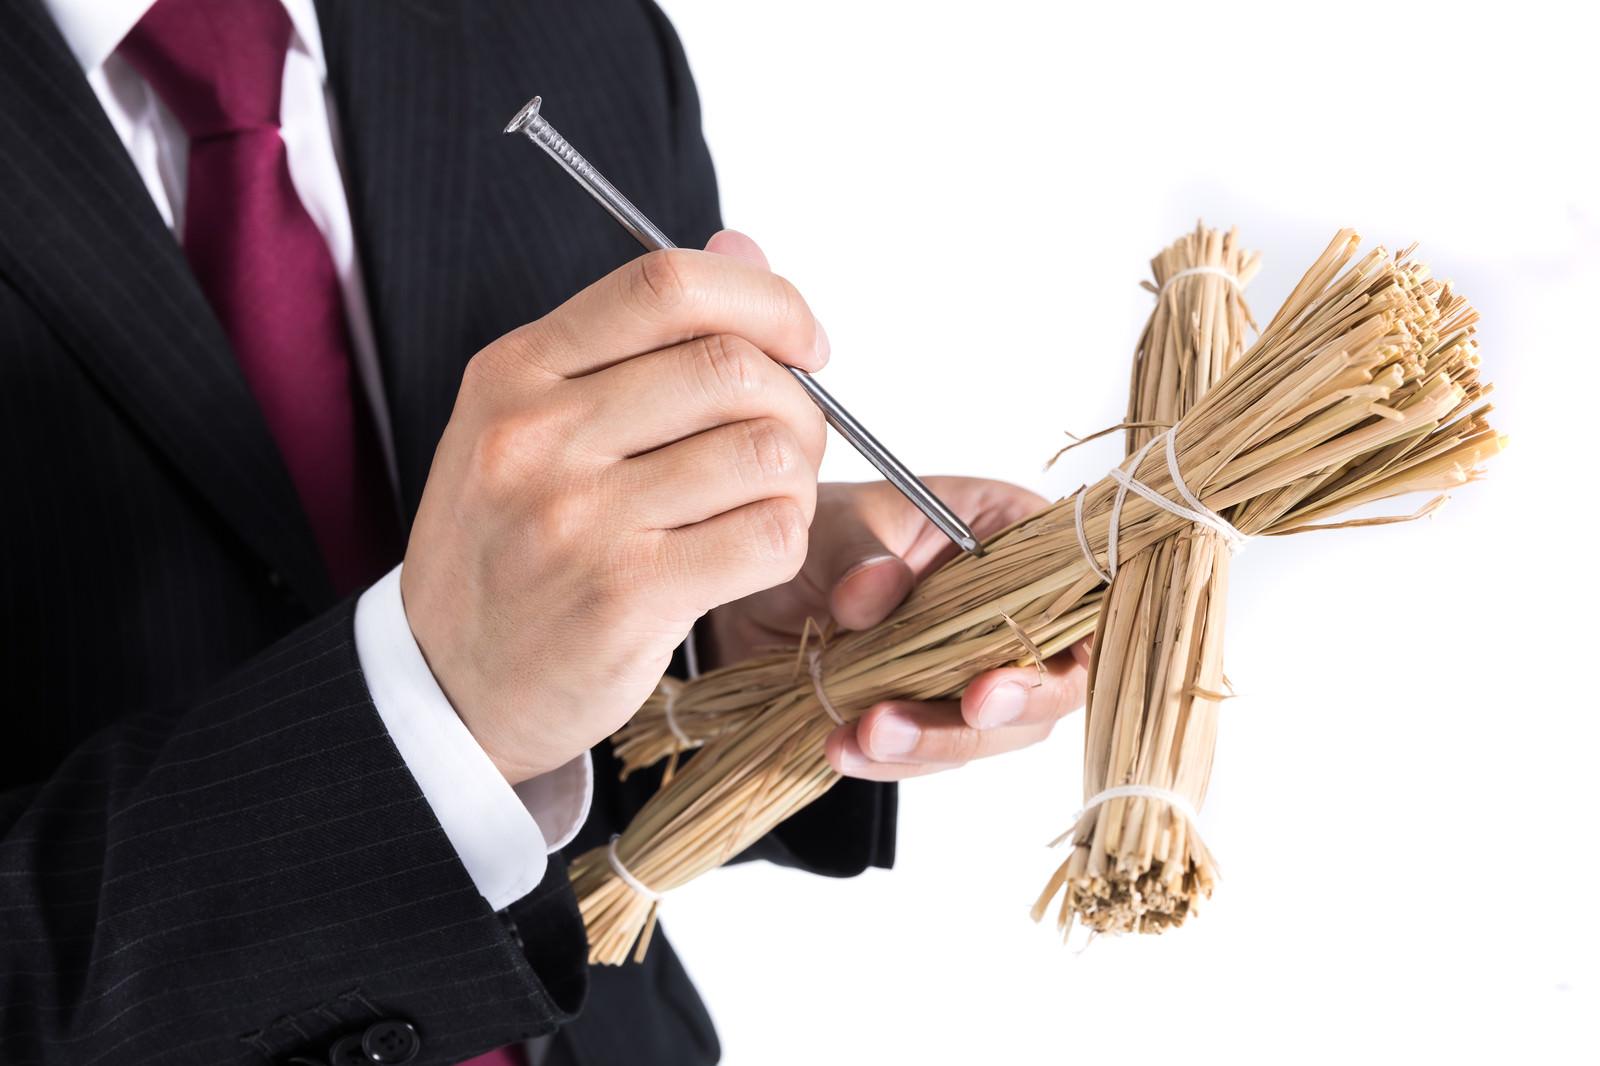 「携帯藁人形で常にストレス発散する会社員」の写真[モデル:大川竜弥]